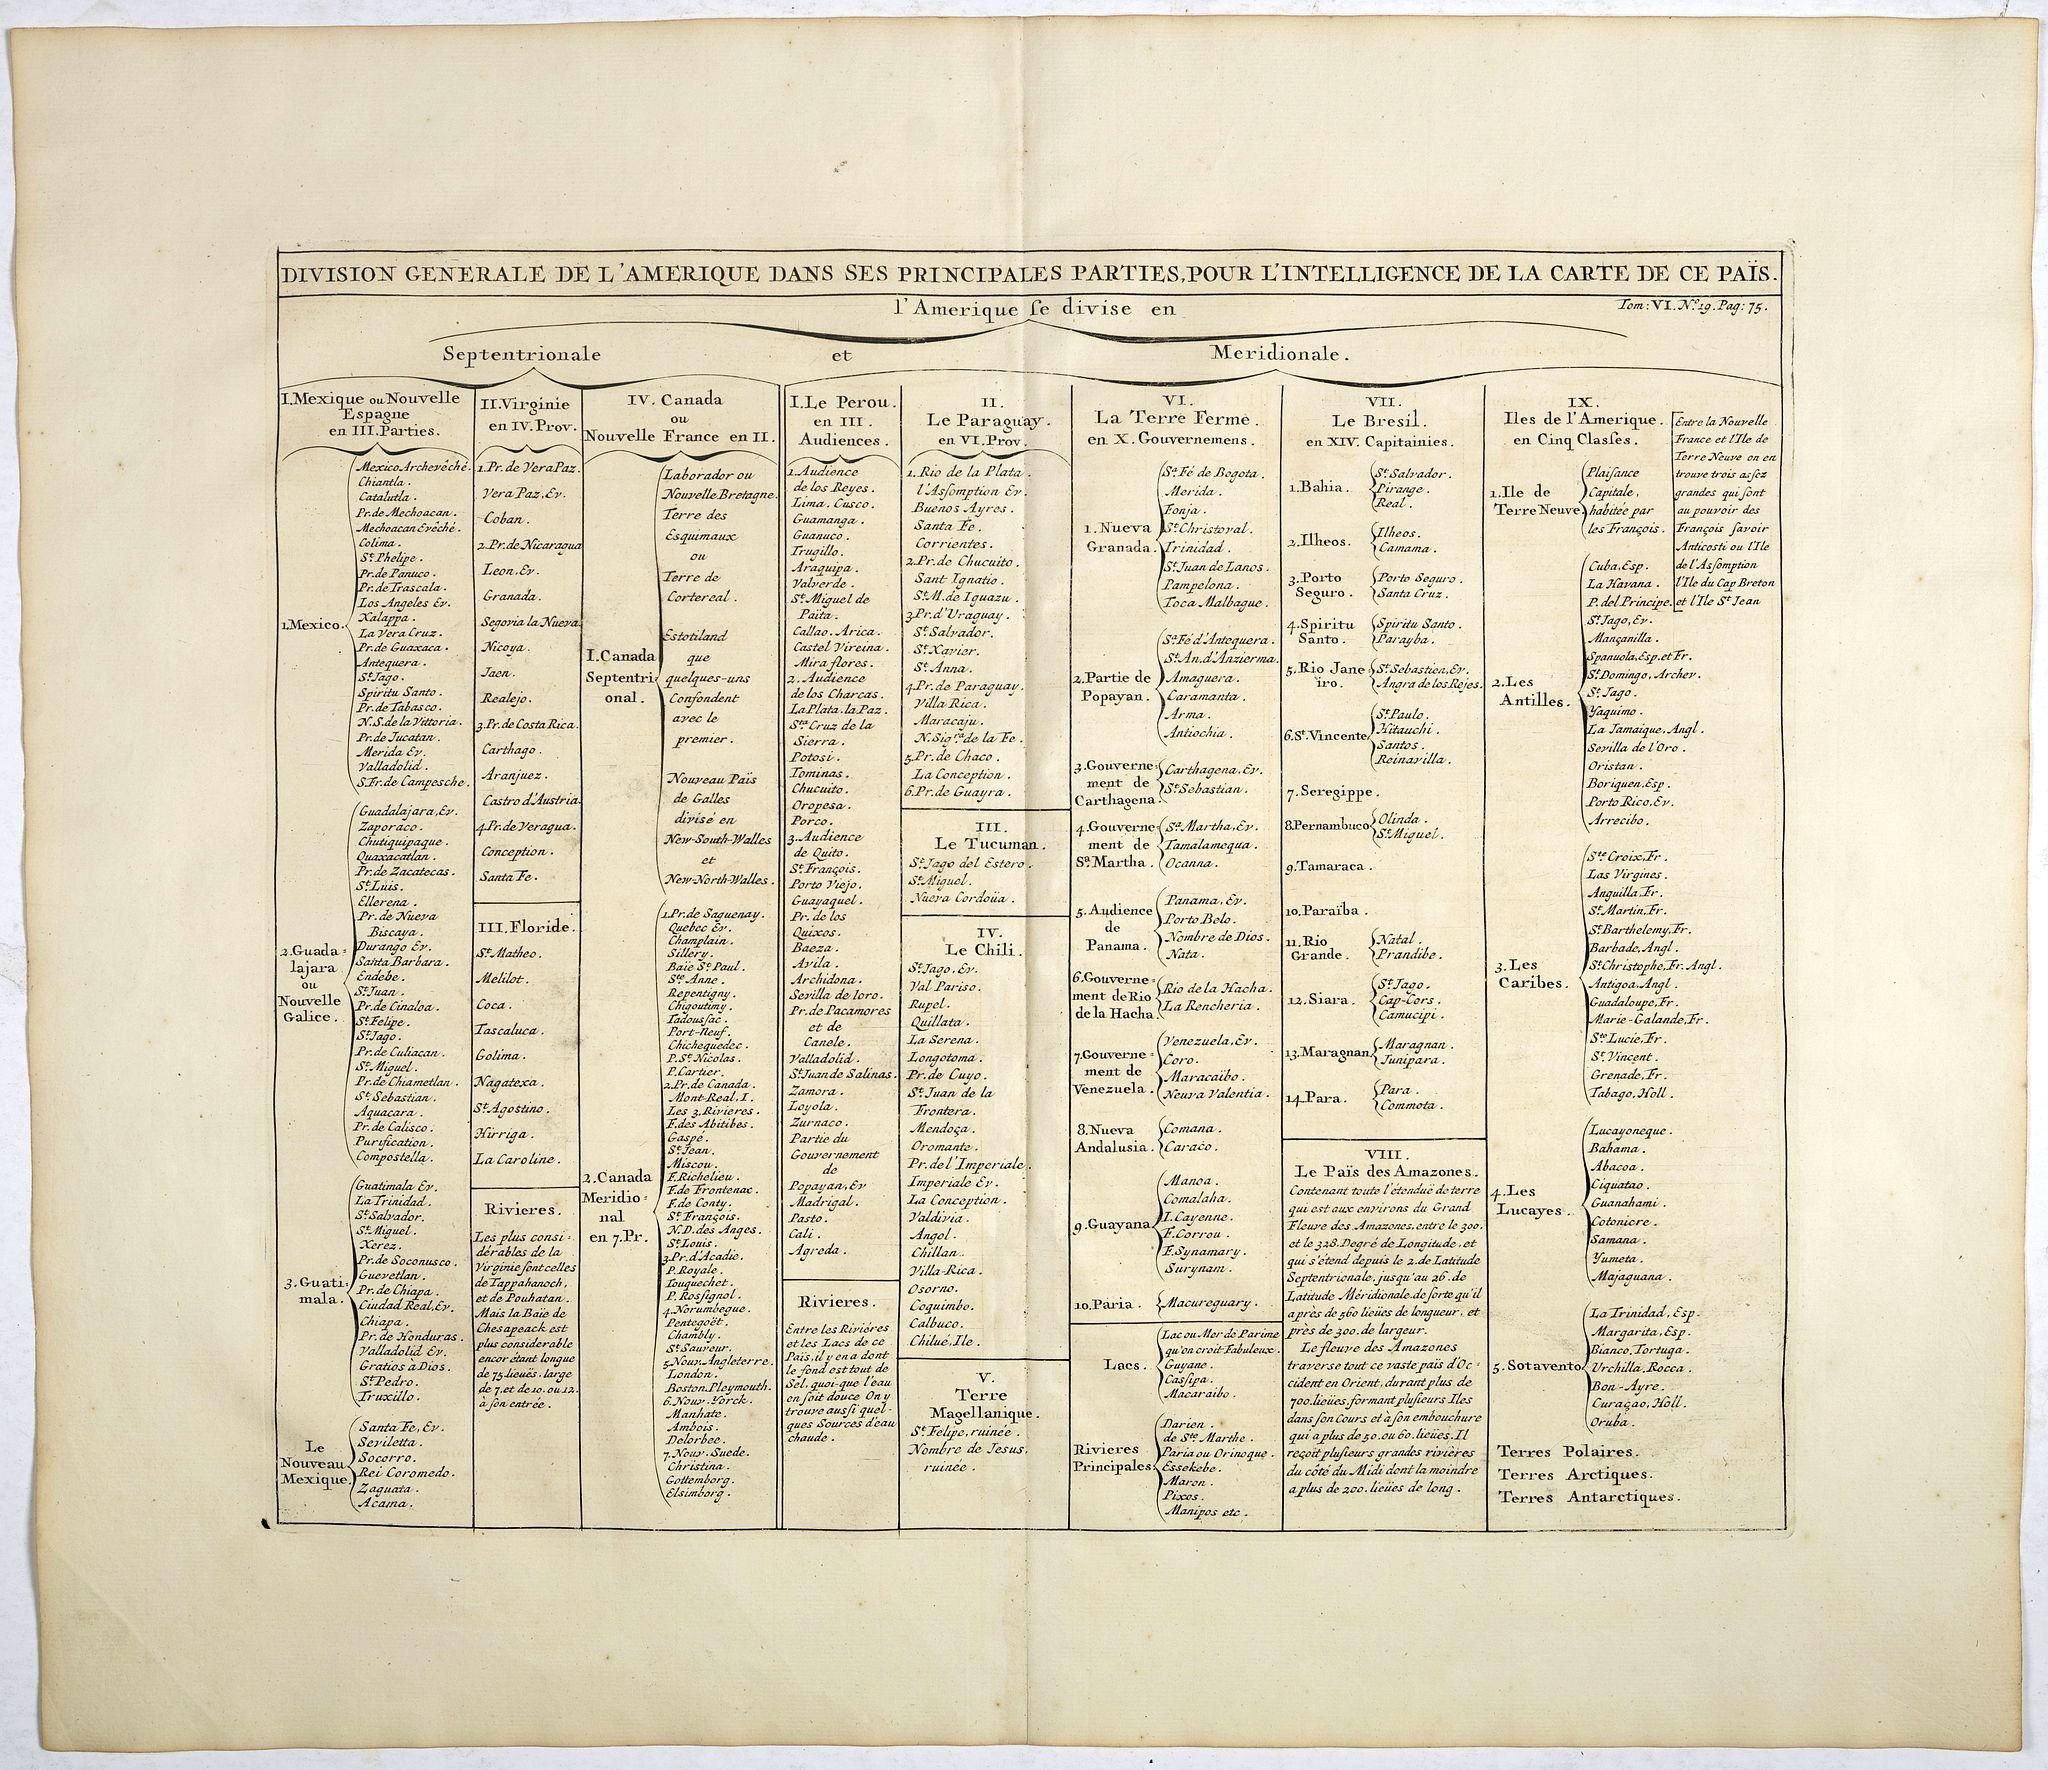 CHATELAIN, H. -  Division generale de l'Amerique dans ses principales parties pour l'intelligence de la carte de ce païs.